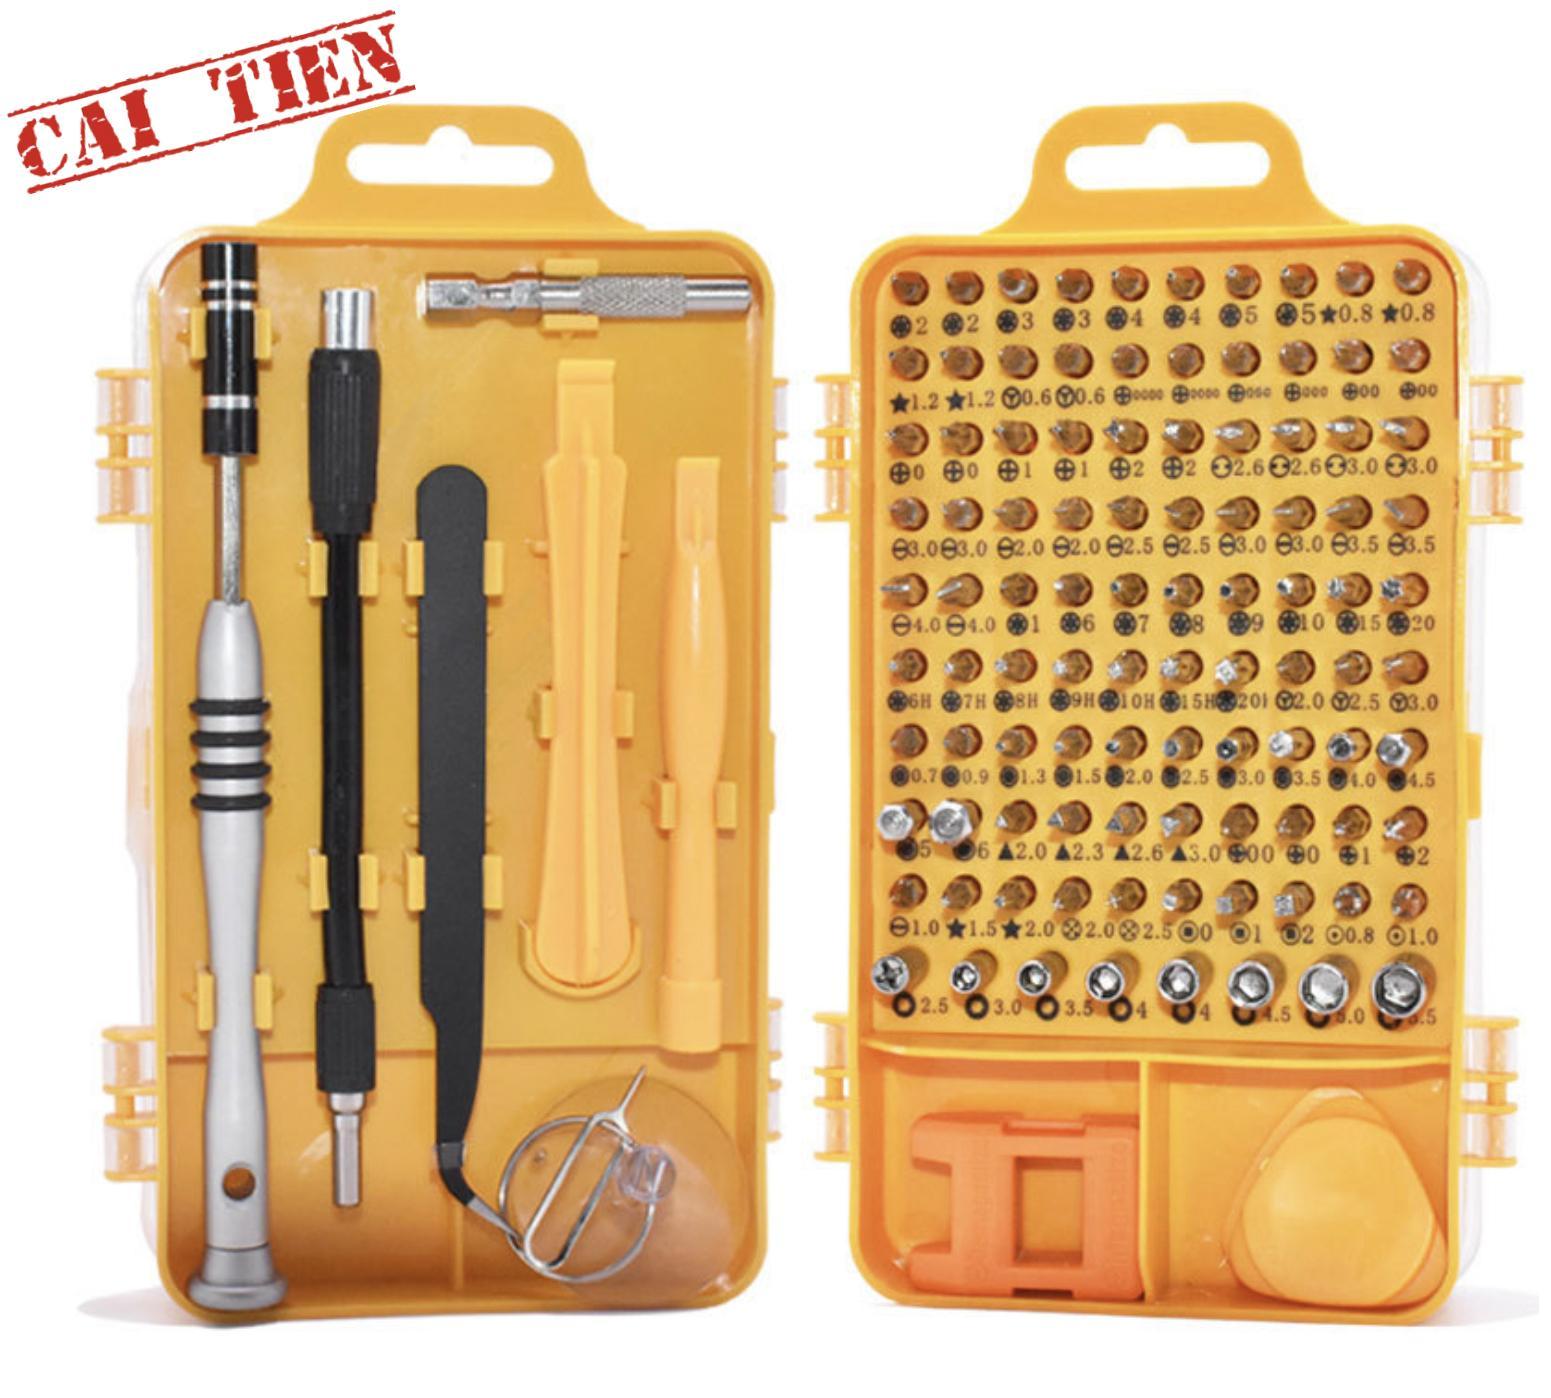 [ĐÃ CẢI TIẾN] Bộ công cụ tua vít chuyên sửa chữa tháo lắp điện thoại laptop đa năng 108 in1 (full 98 đầu vít) - Thép Cr-V